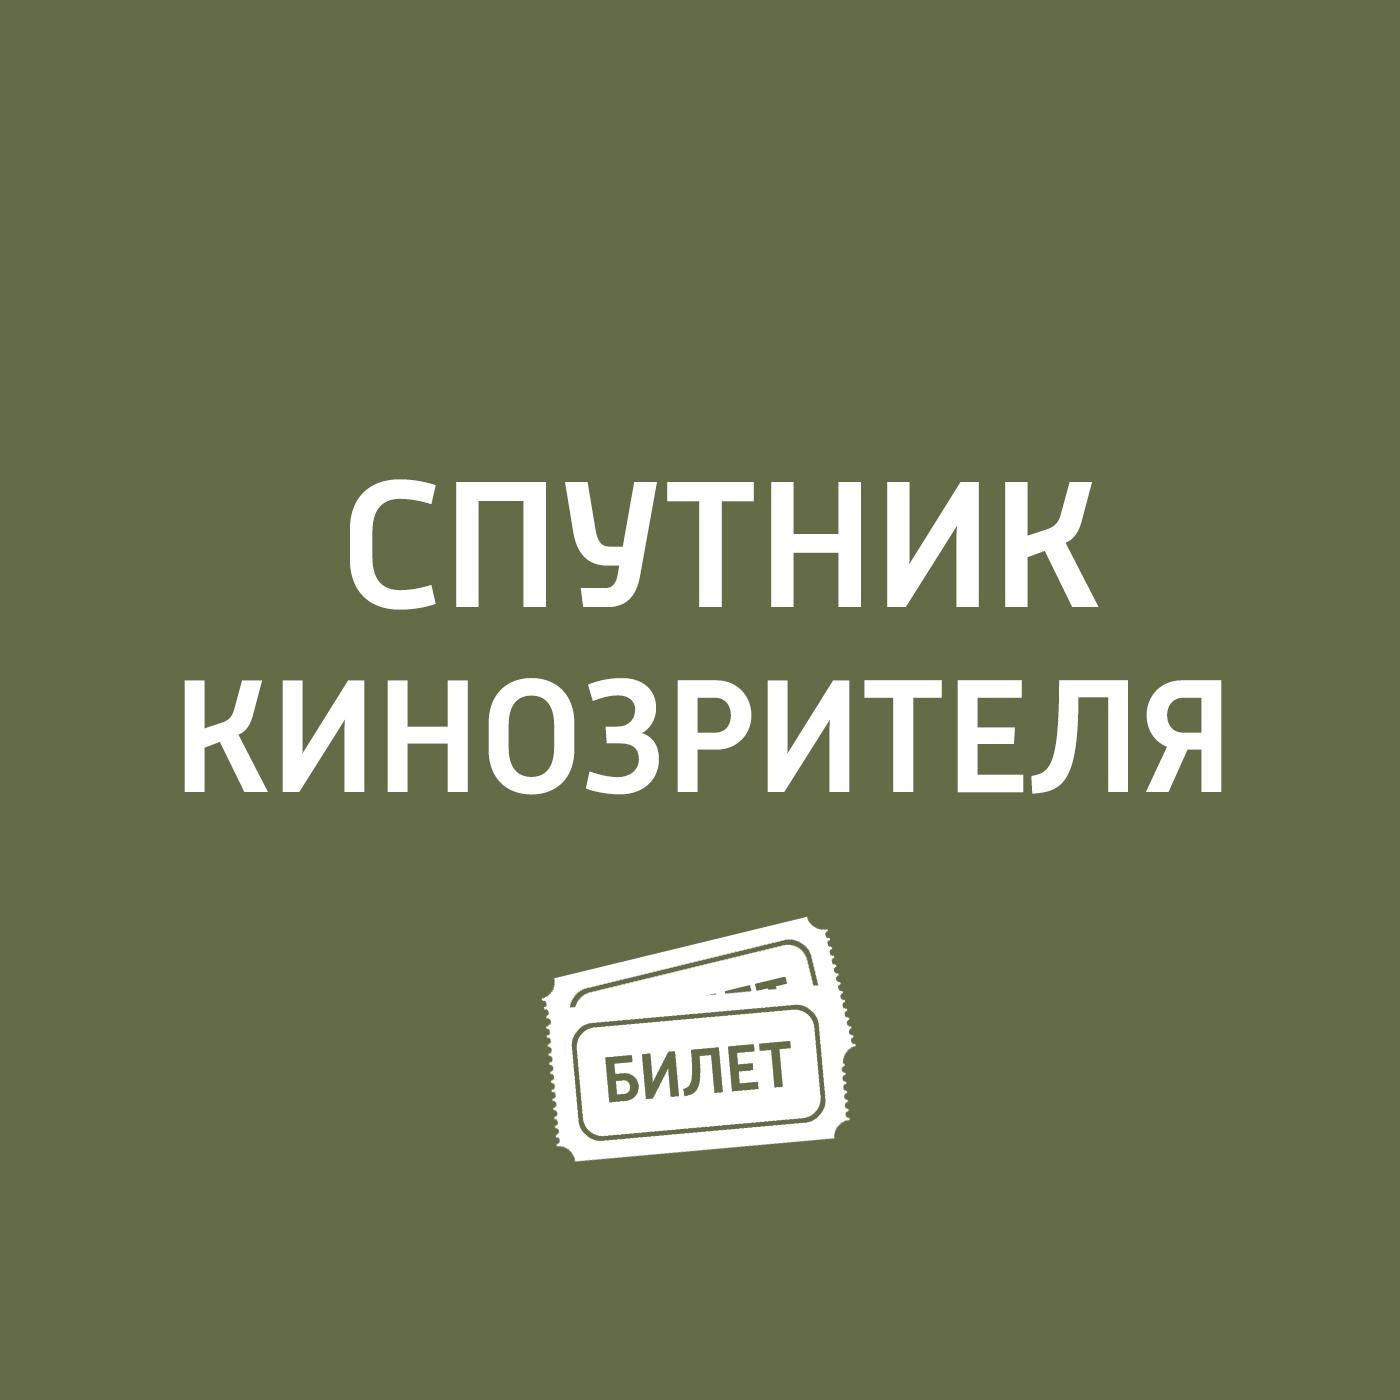 Антон Долин Премьеры: «007: Спектр, «Наследники, «Саранча, «Синдром Петрушки, «Ангелы революции